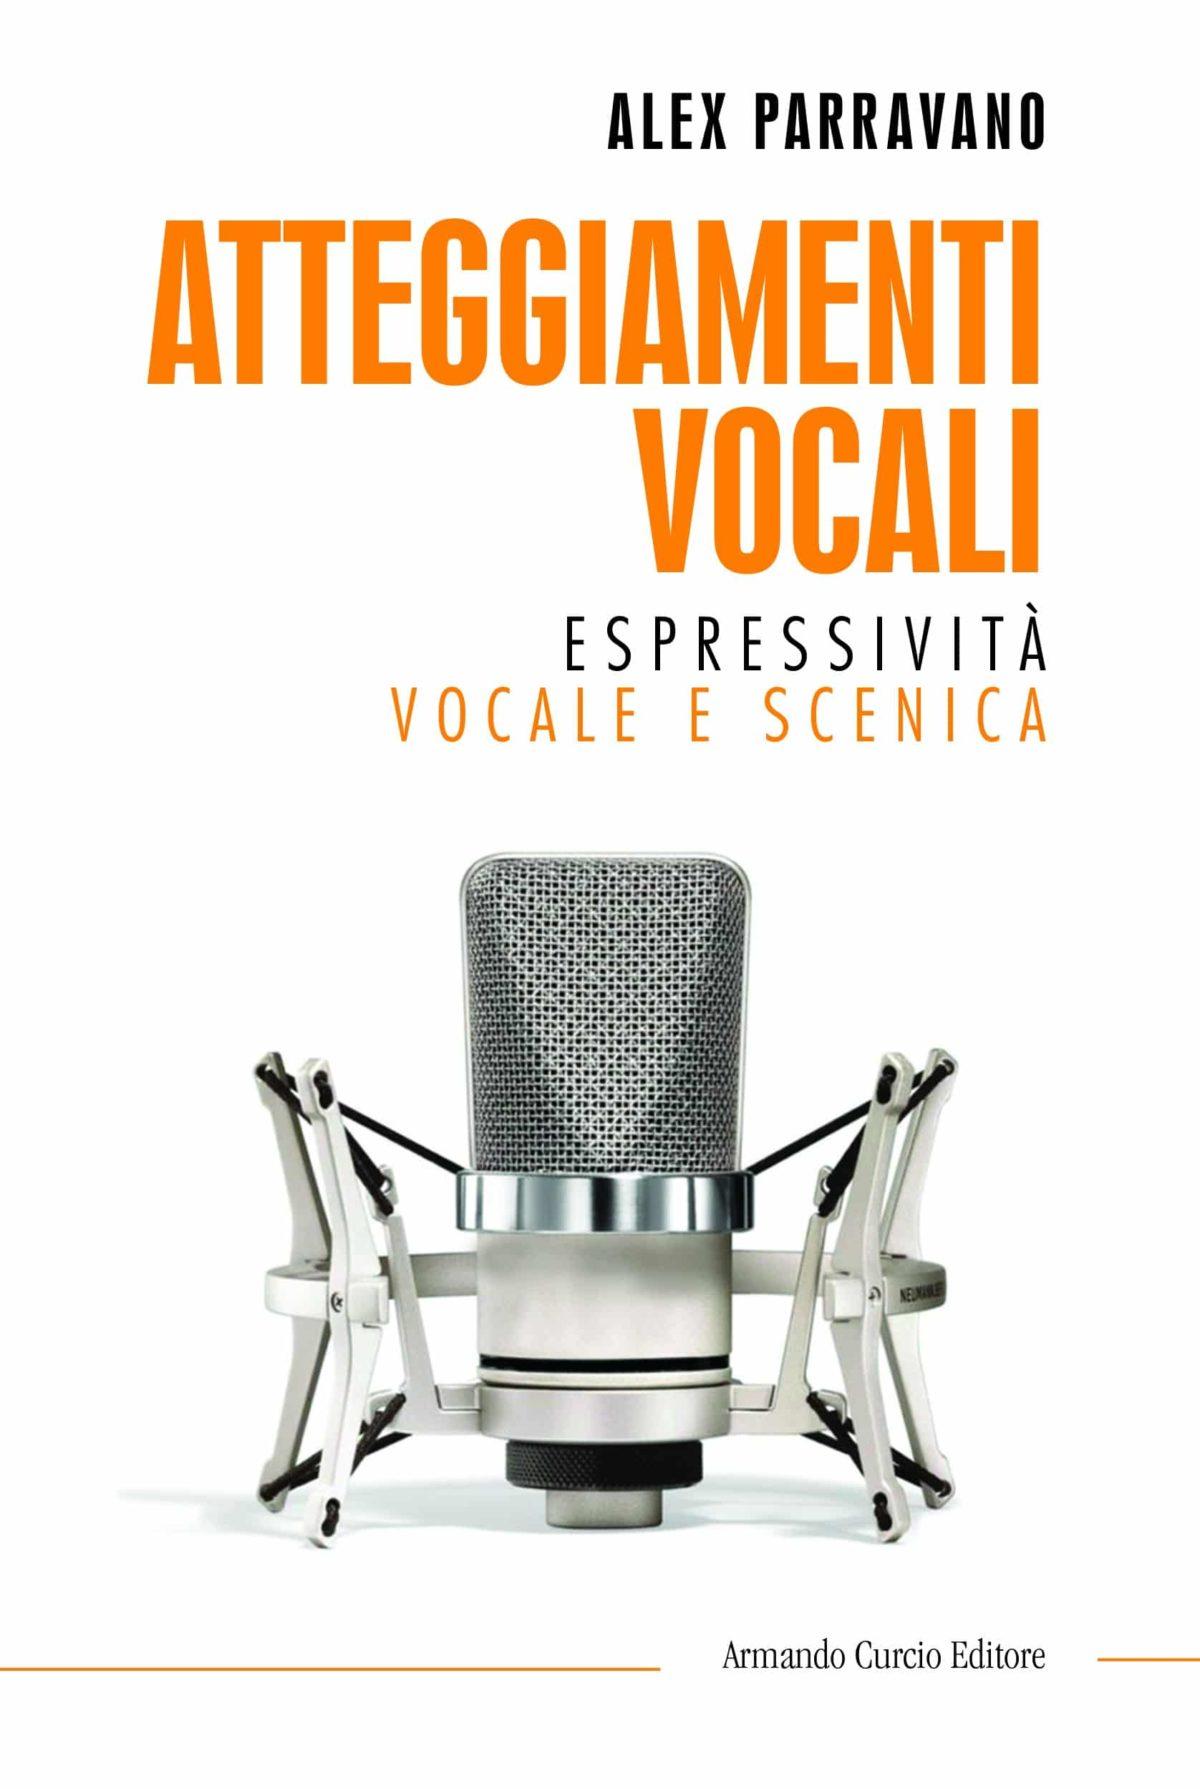 Atteggiamenti Vocali - Espessività Vocale e Scenica